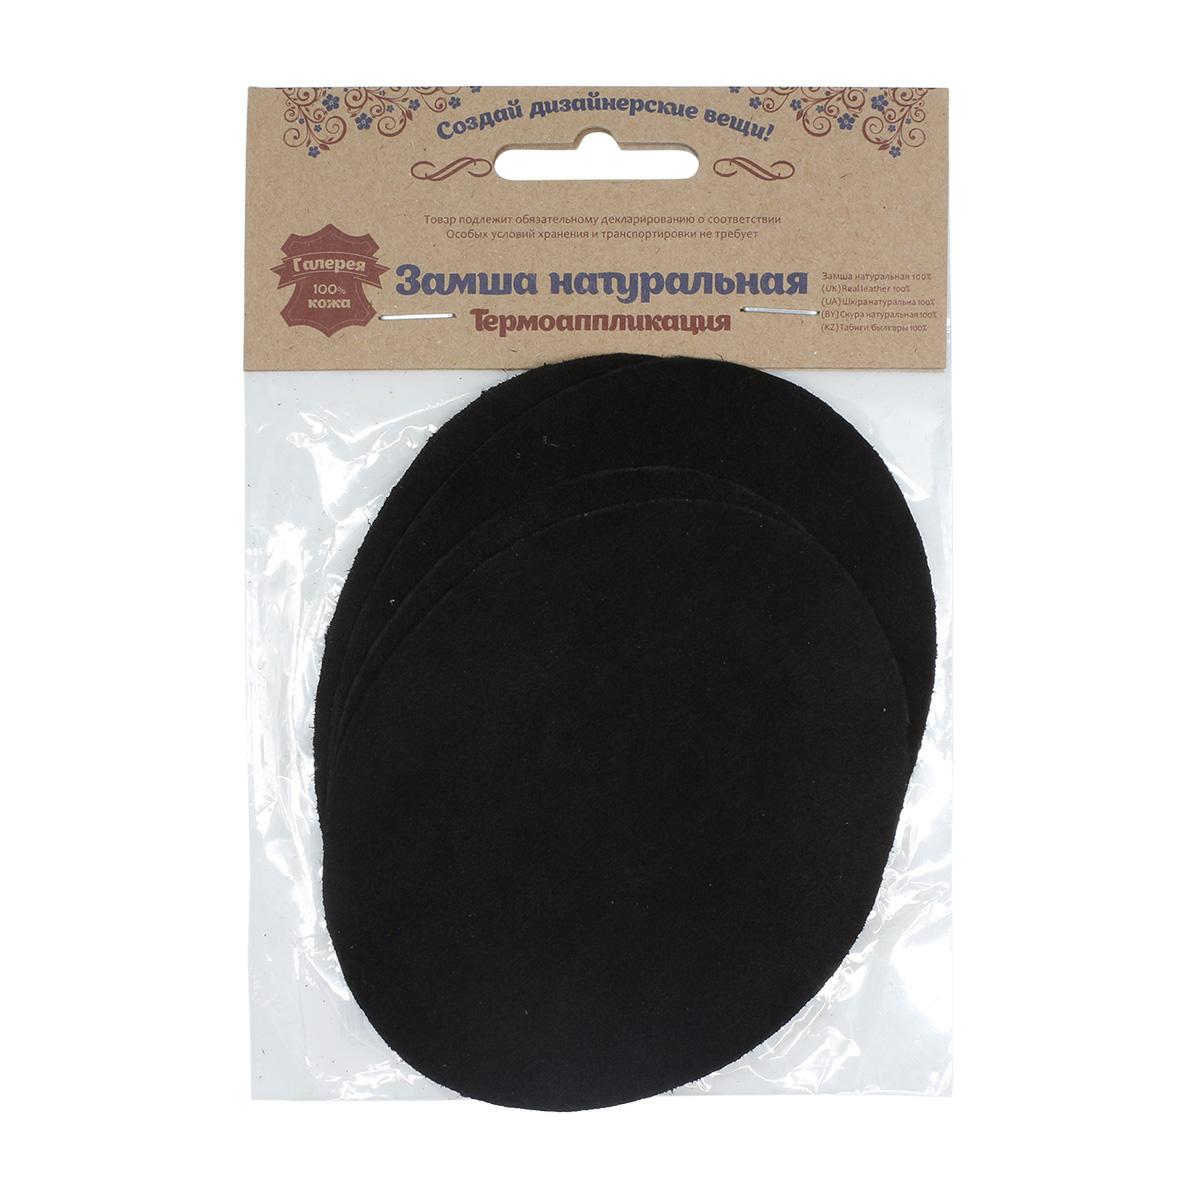 5215 Набор заплаток термоклеевых из замши: овал малый 2шт. овал средний 2шт, 100% кожа